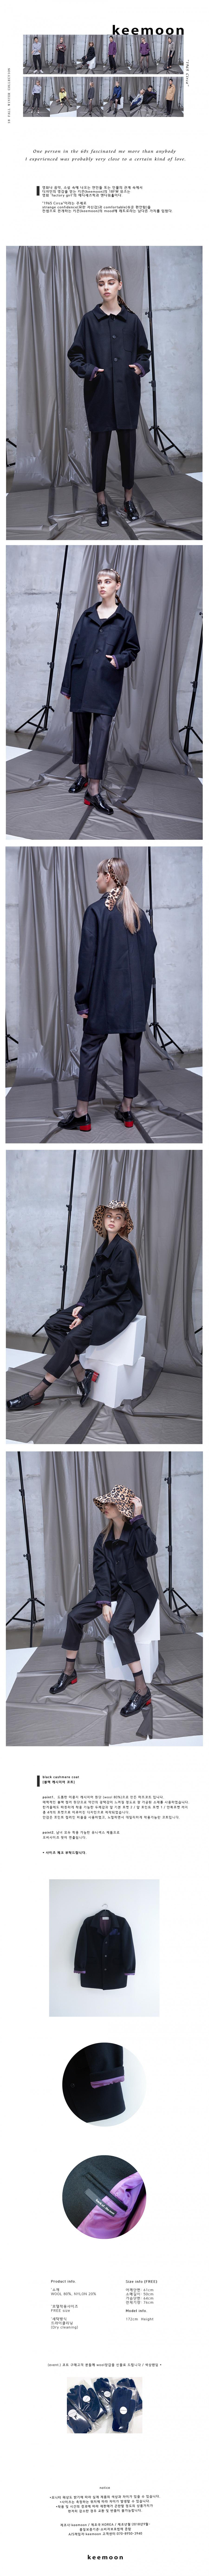 키믄(KEEMOON) 블랙 캐시미어 코트